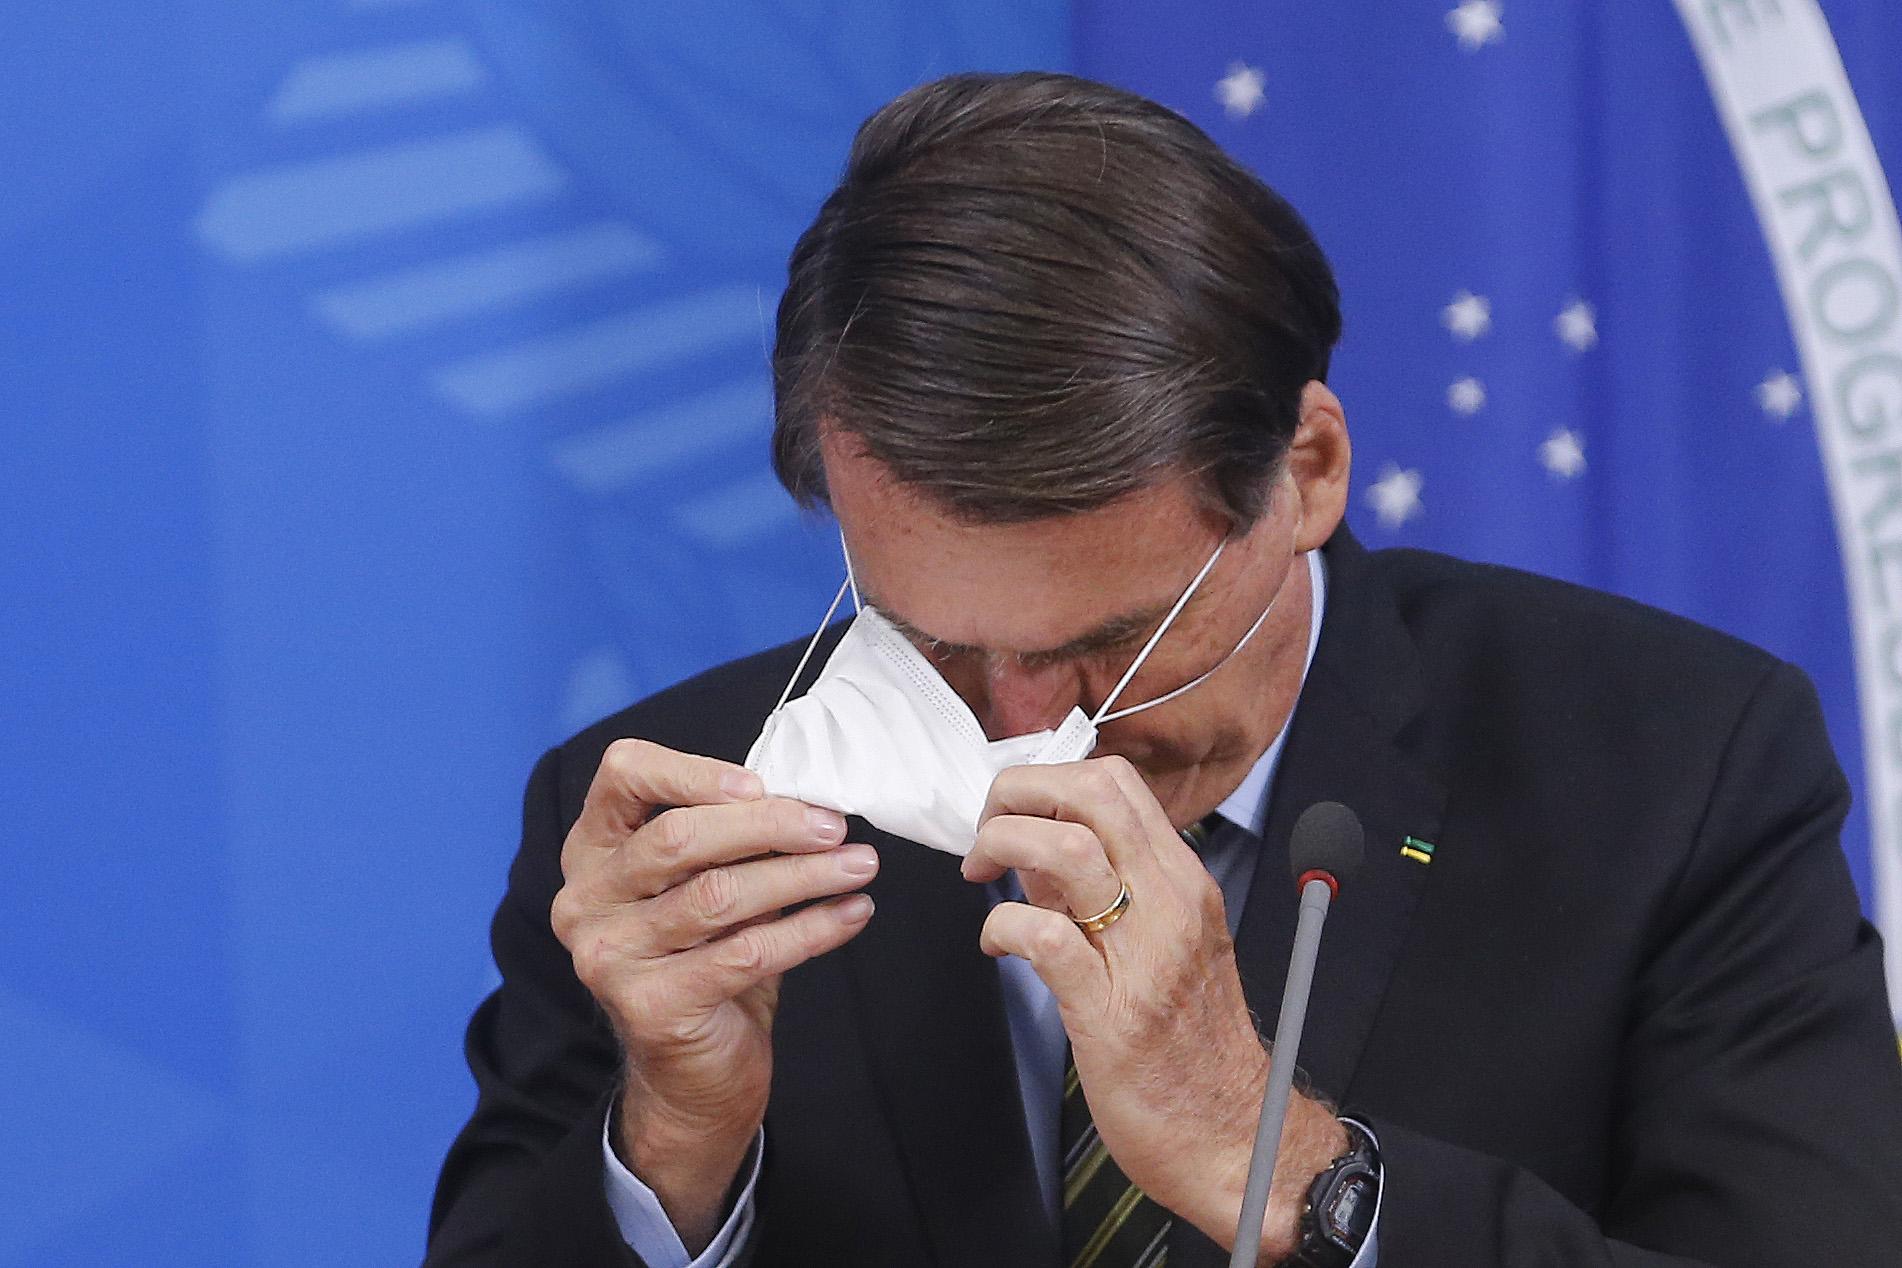 IMAGEM: As mortes estão no colo de Bolsonaro